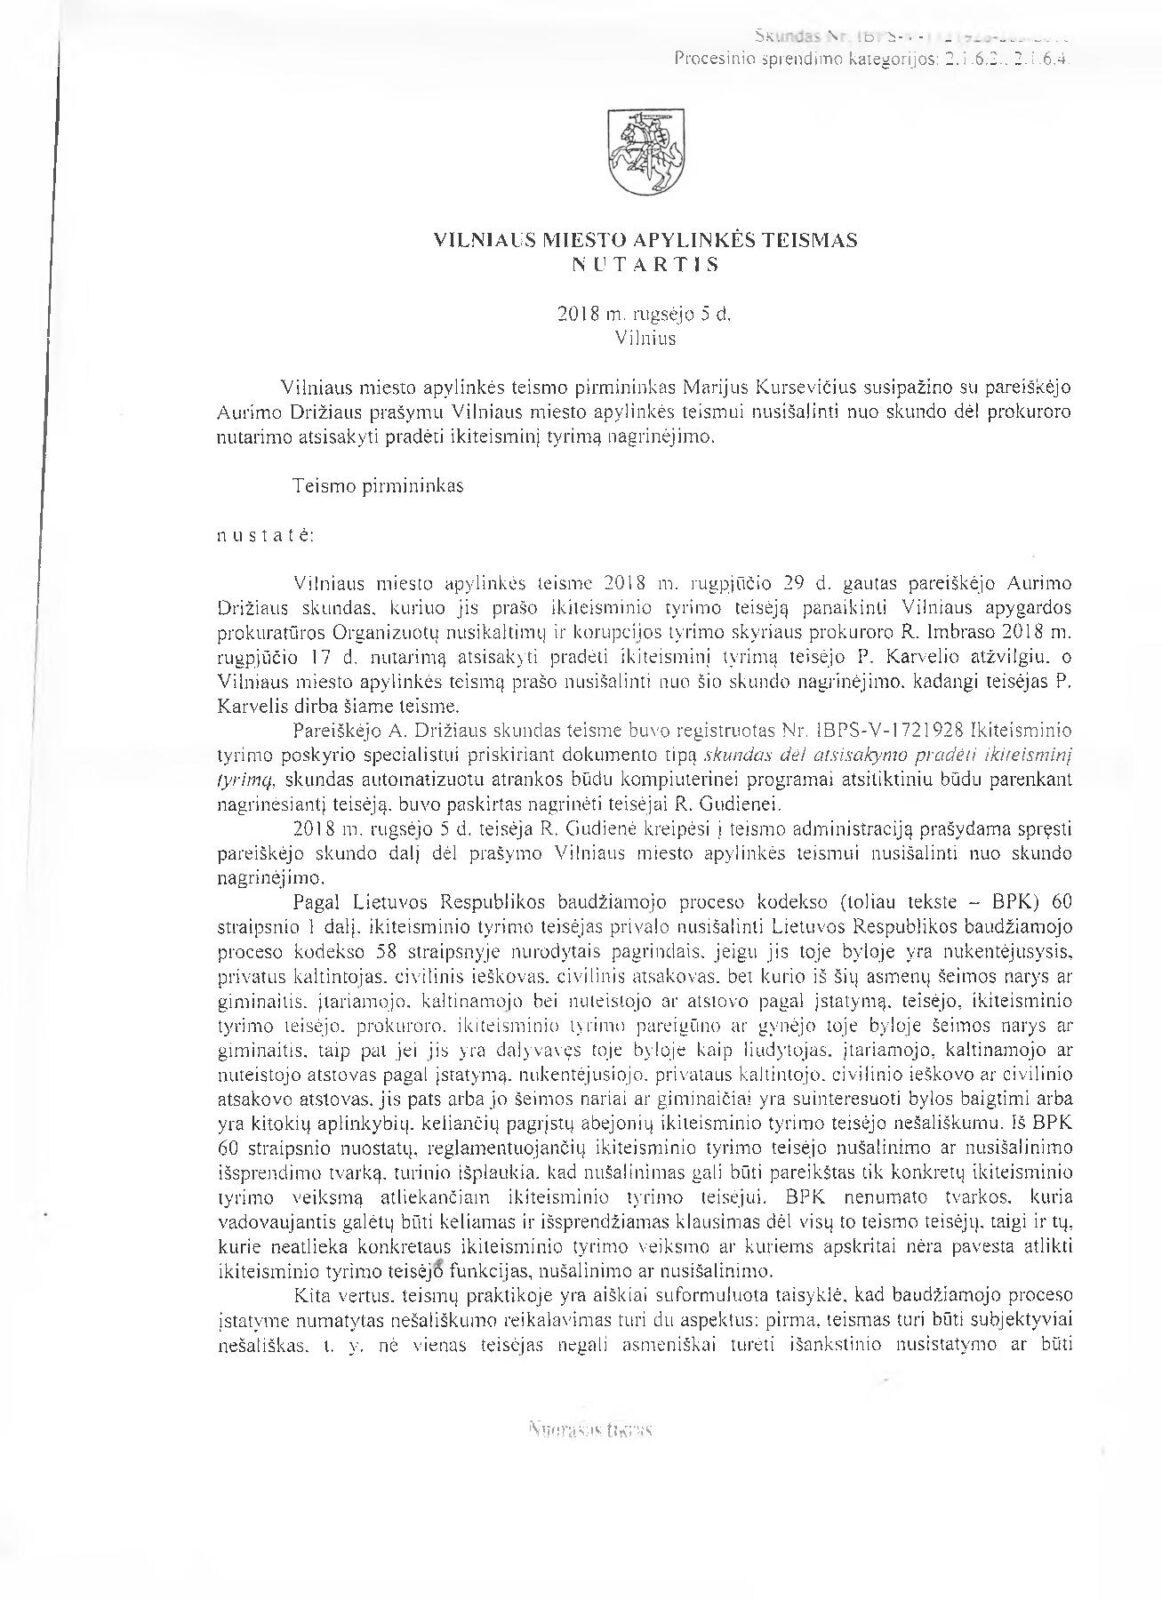 Teisėjo Petro Karvelio įtariamus nusikaltimus tirs ne Vilniaus apylinkės teismas